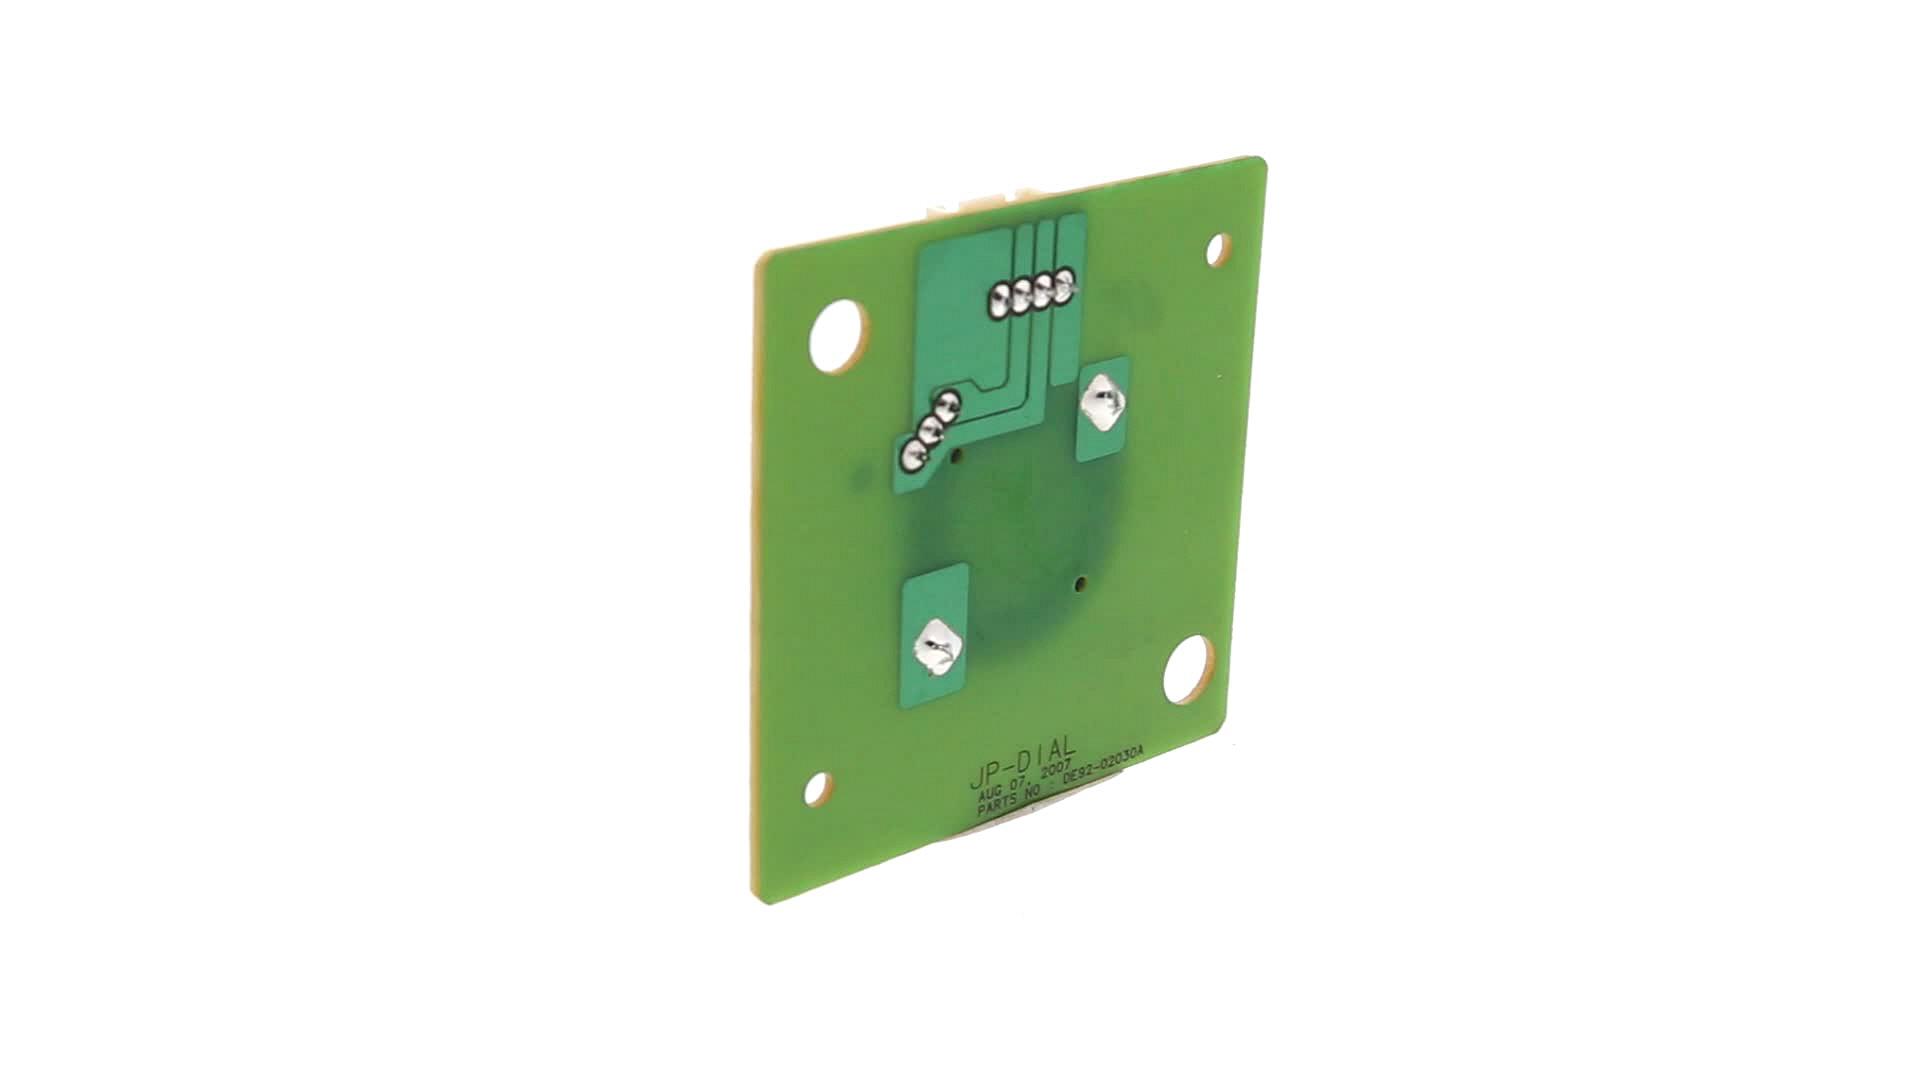 COMMUTATEUR FOUR ASSY PCB JP-DIAL - 2